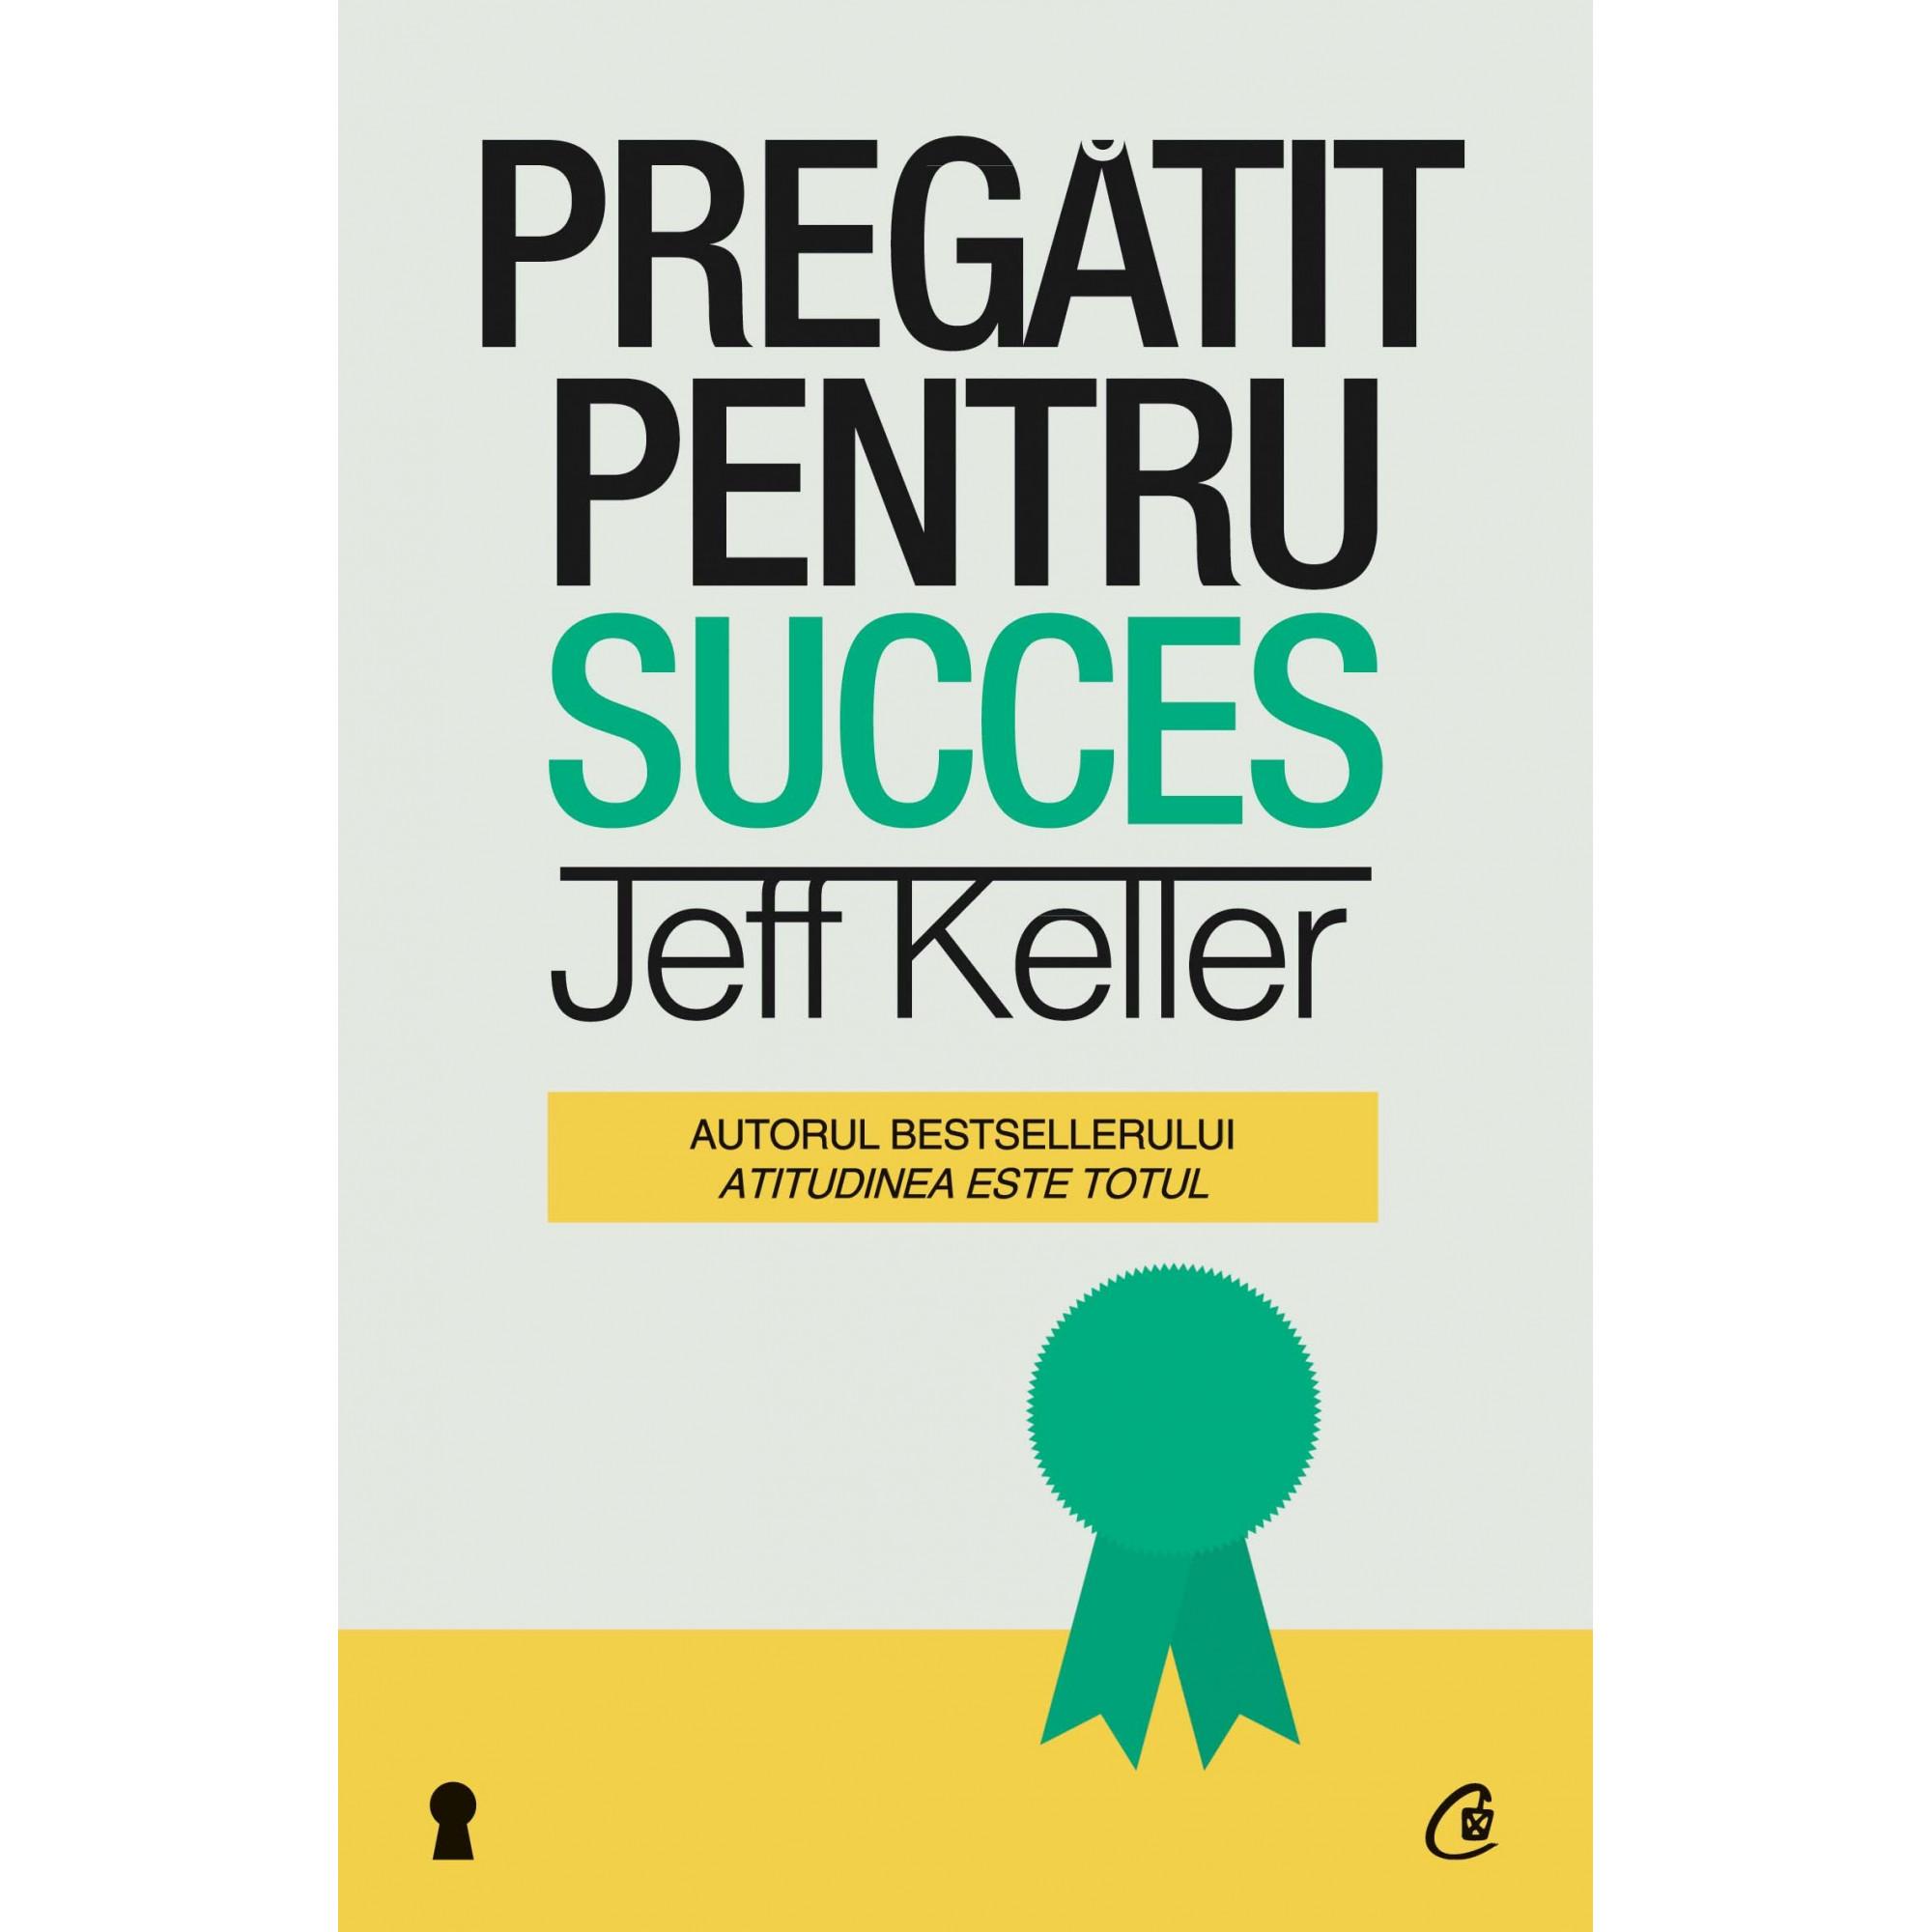 Pregǎtit pentru succes; Jeff Keller